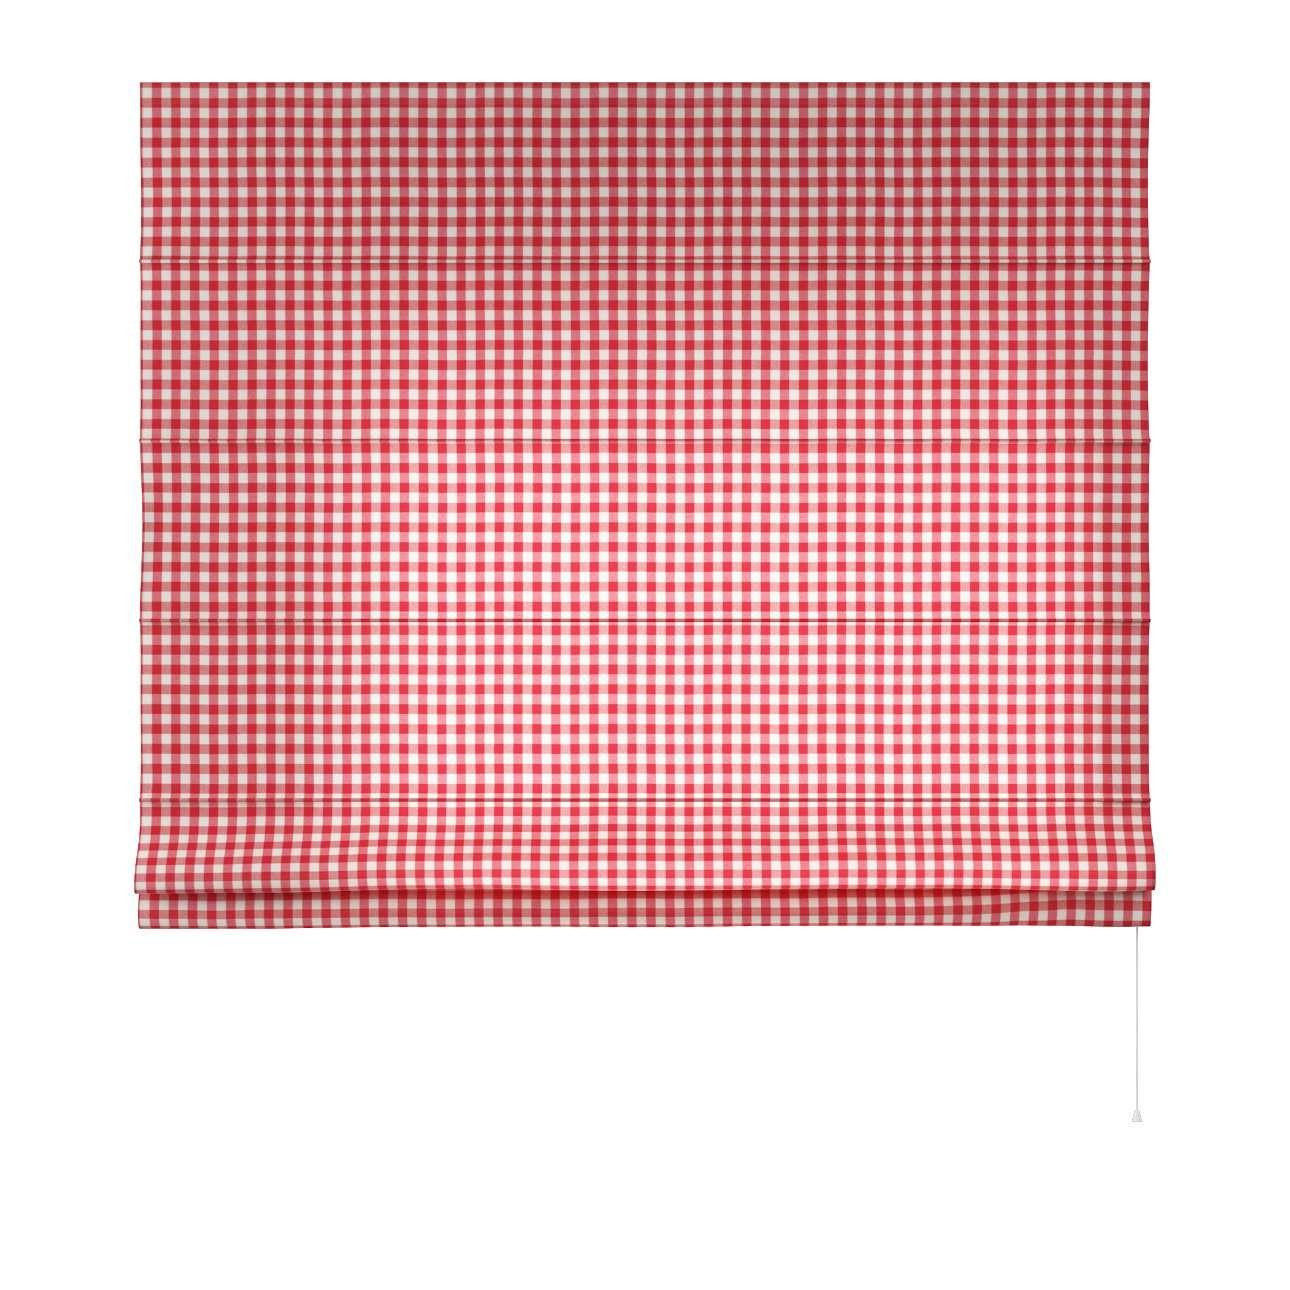 Romanetės Capri 80 x 170 cm (plotis x ilgis) kolekcijoje Quadro, audinys: 136-16